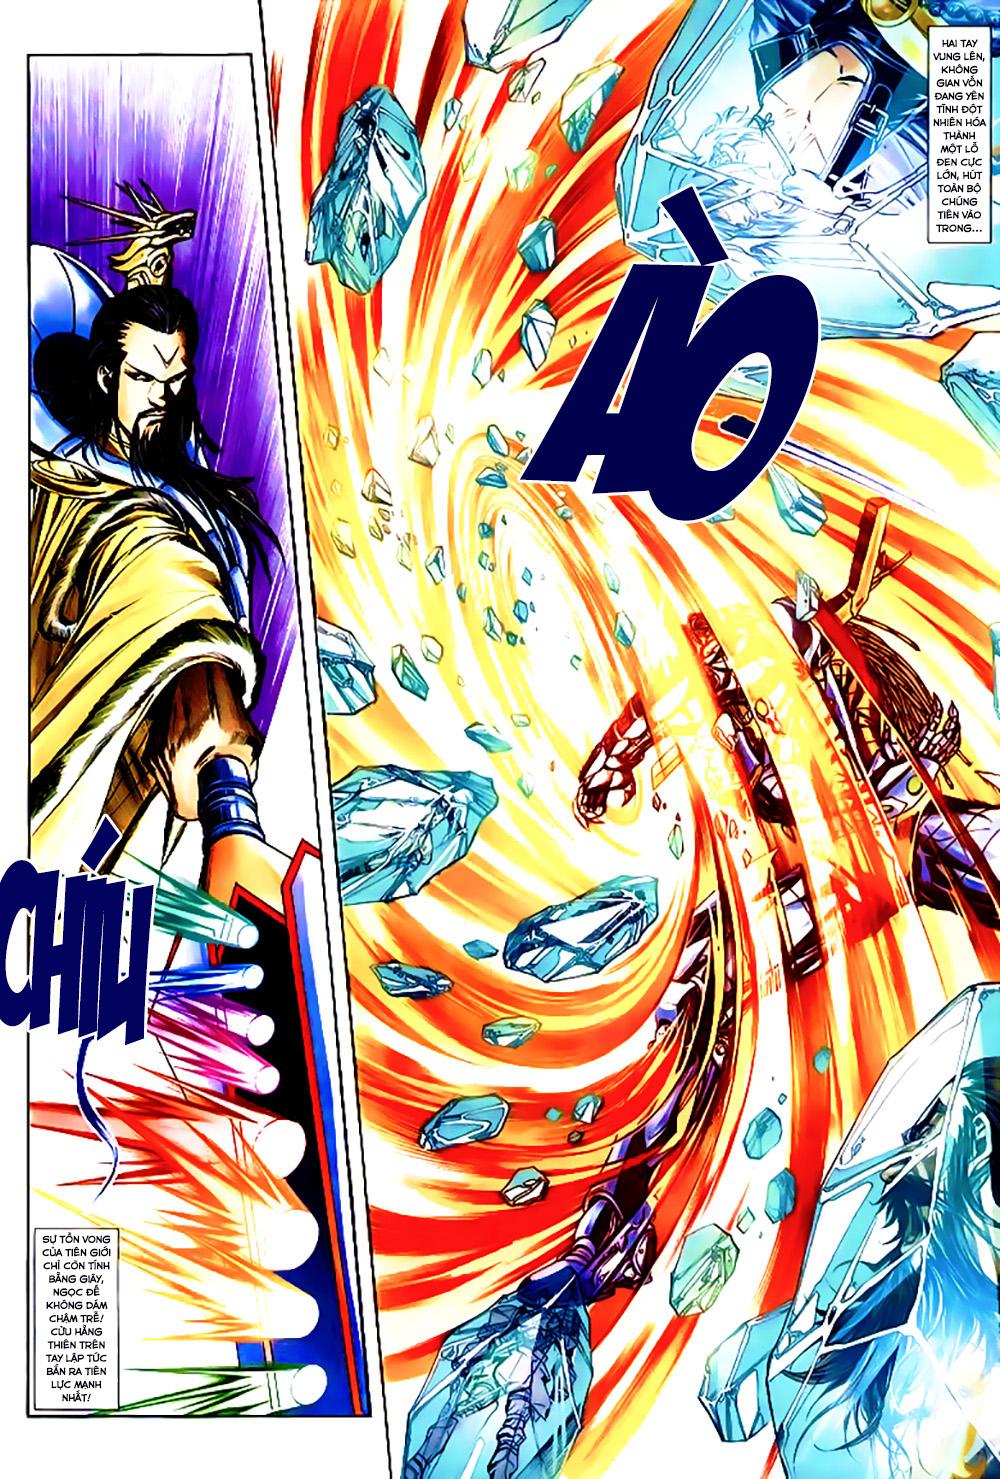 xem truyen moi - BÁT TIÊN ĐẠO - Chapter 29: Luyện Ngục